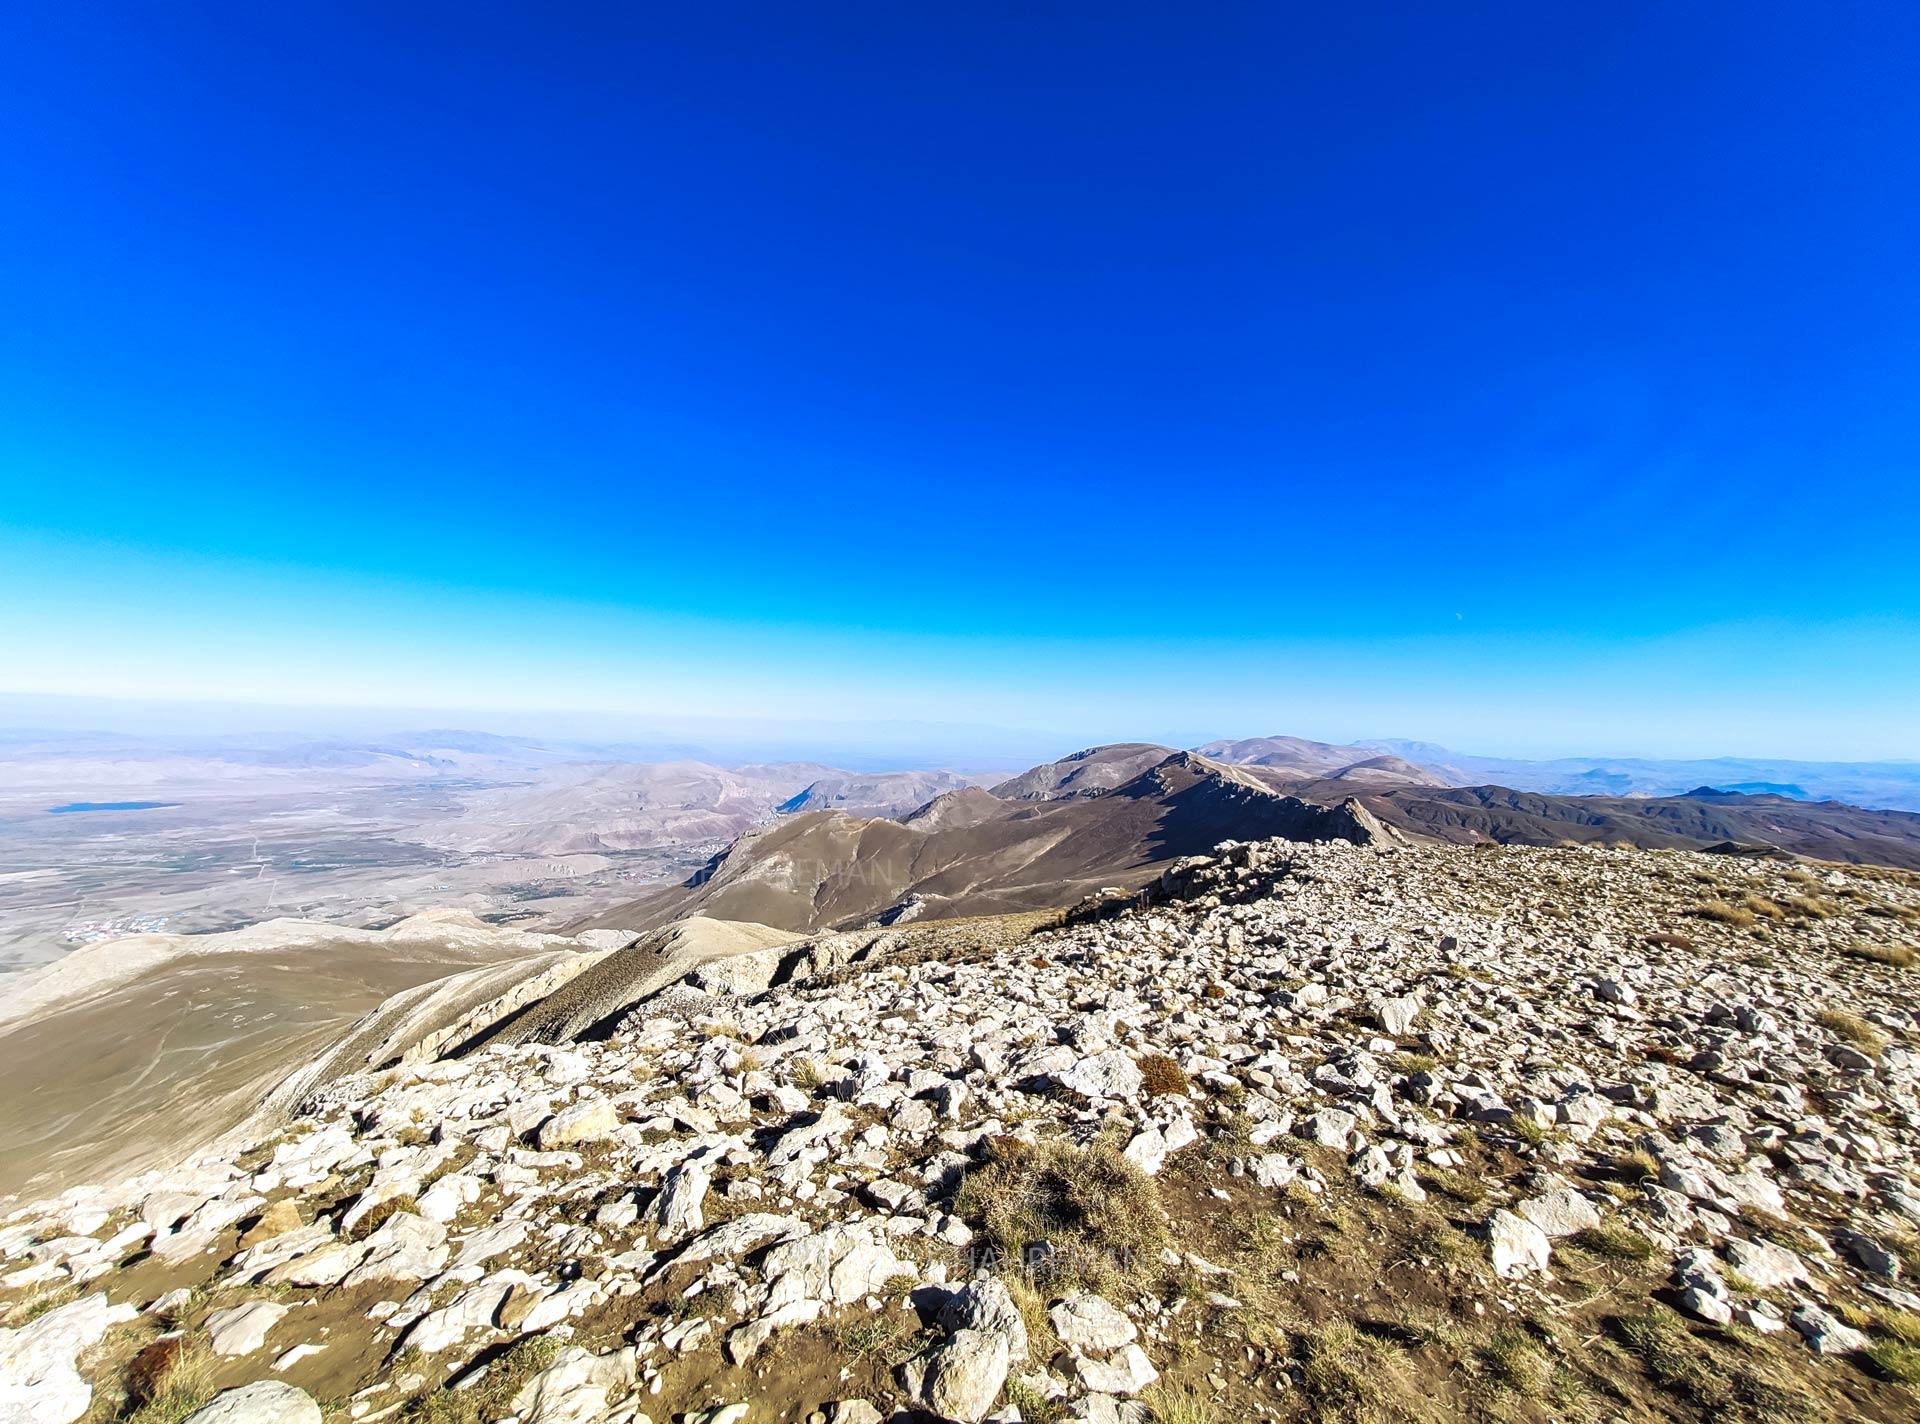 خط الراس کوه مورس